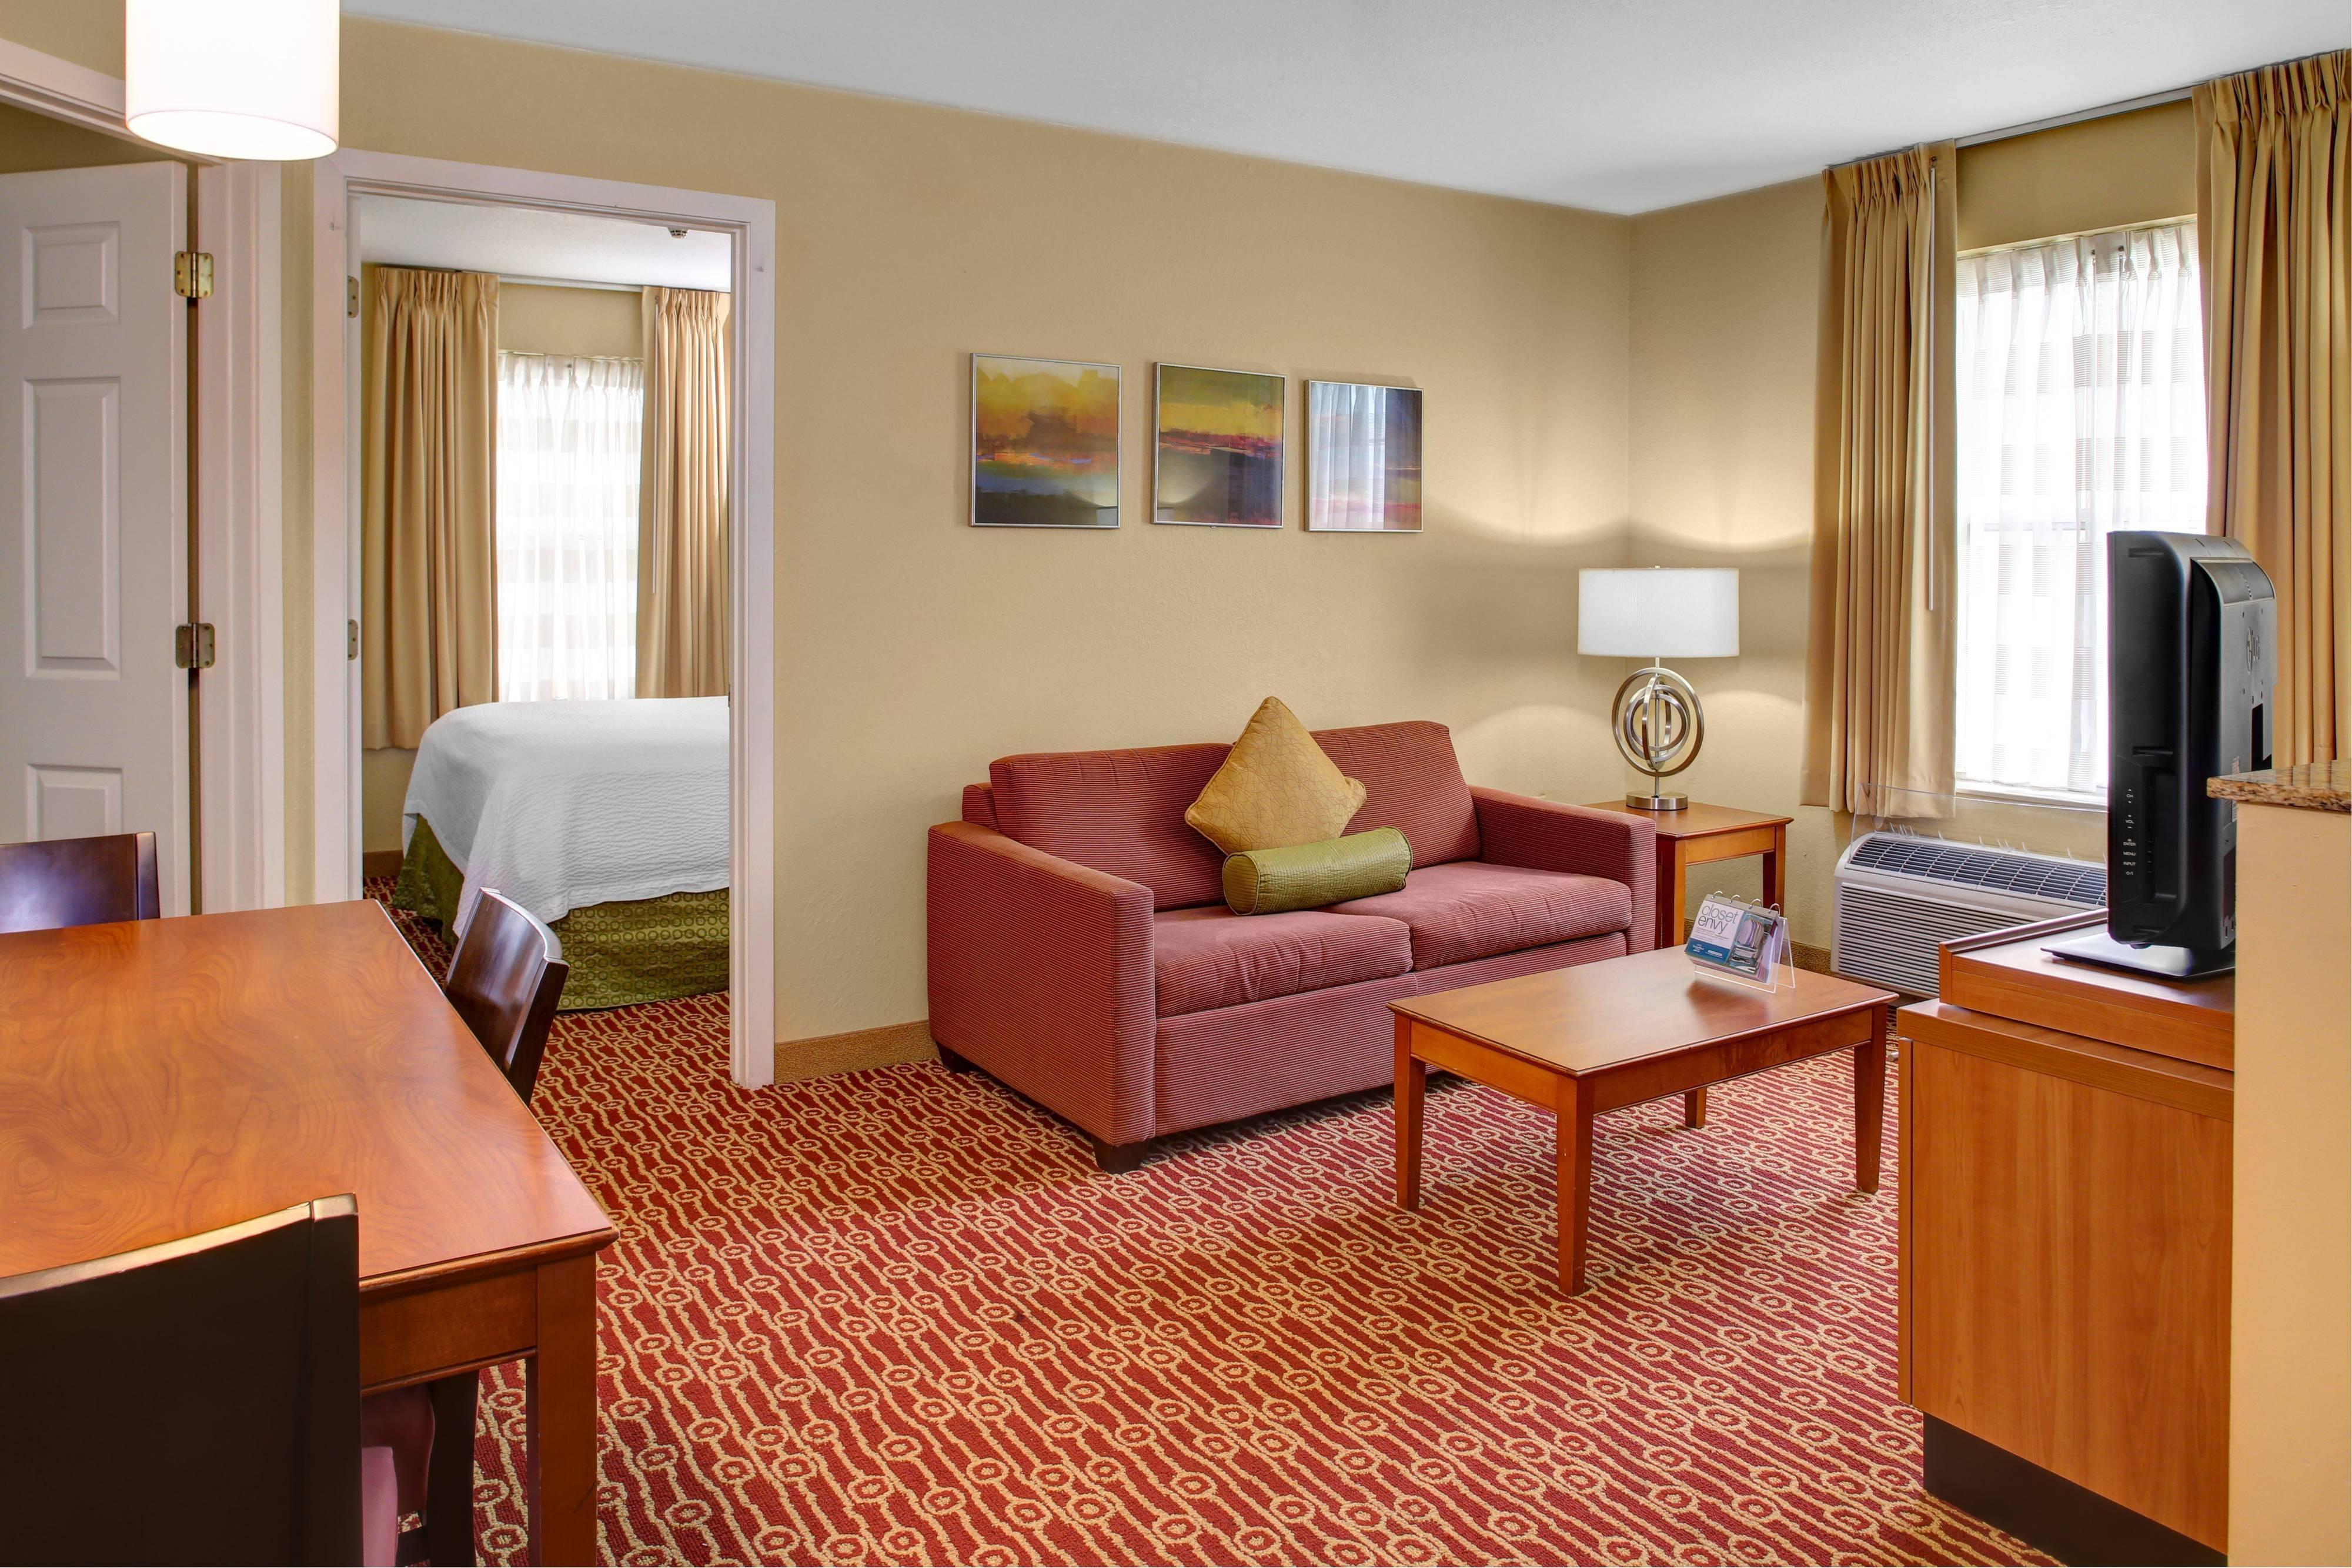 Suite mit zwei Schlafzimmern – Wohnzimmer